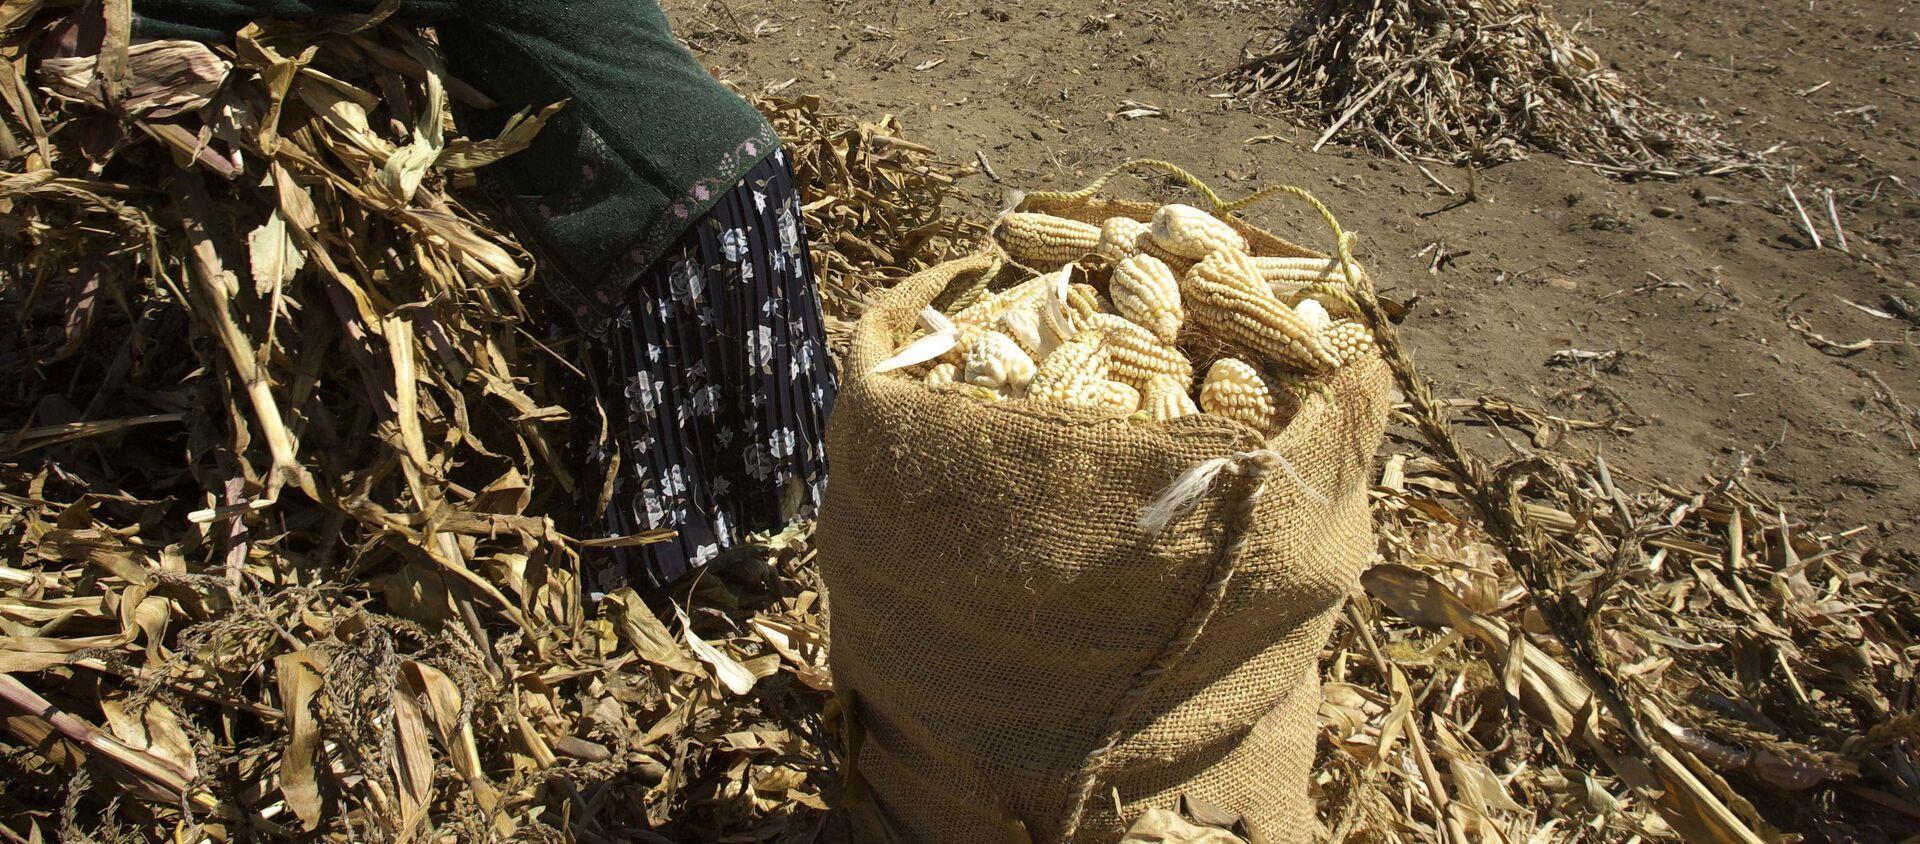 Cultivo de maíz en México - Sputnik Mundo, 1920, 30.06.2020